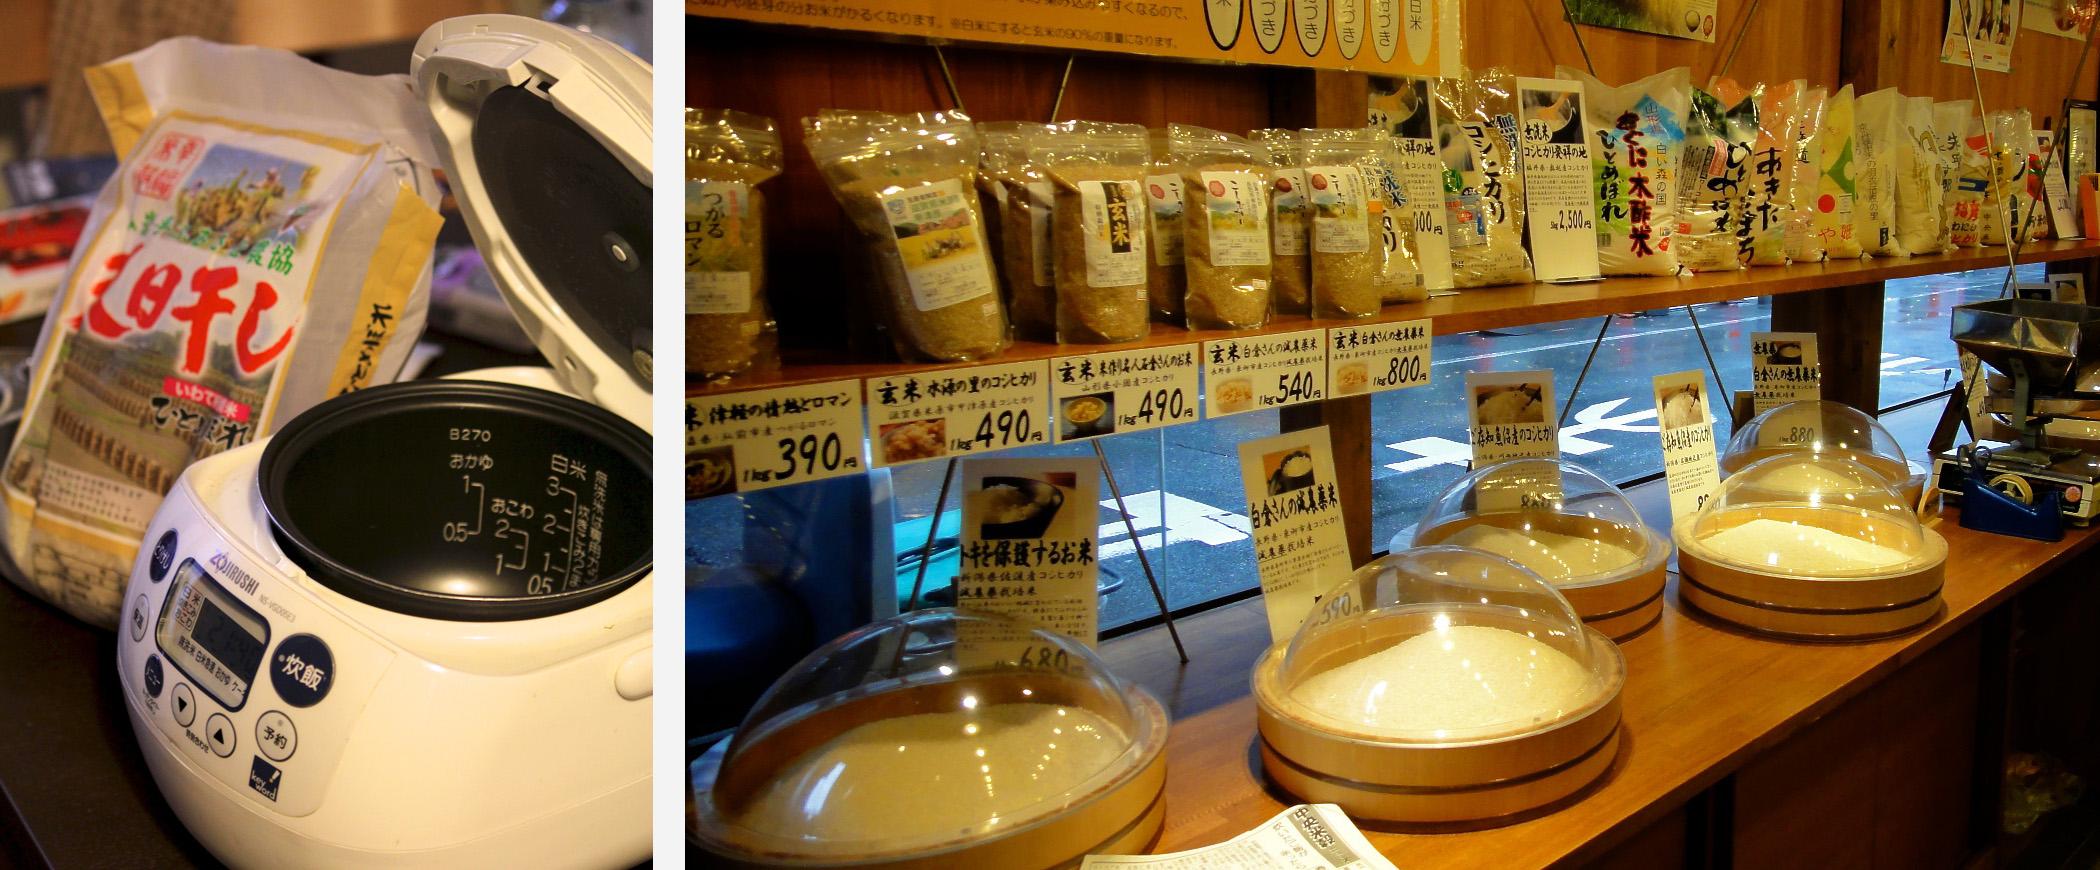 Autocuiseur et boutique de riz for Boutique article cuisine